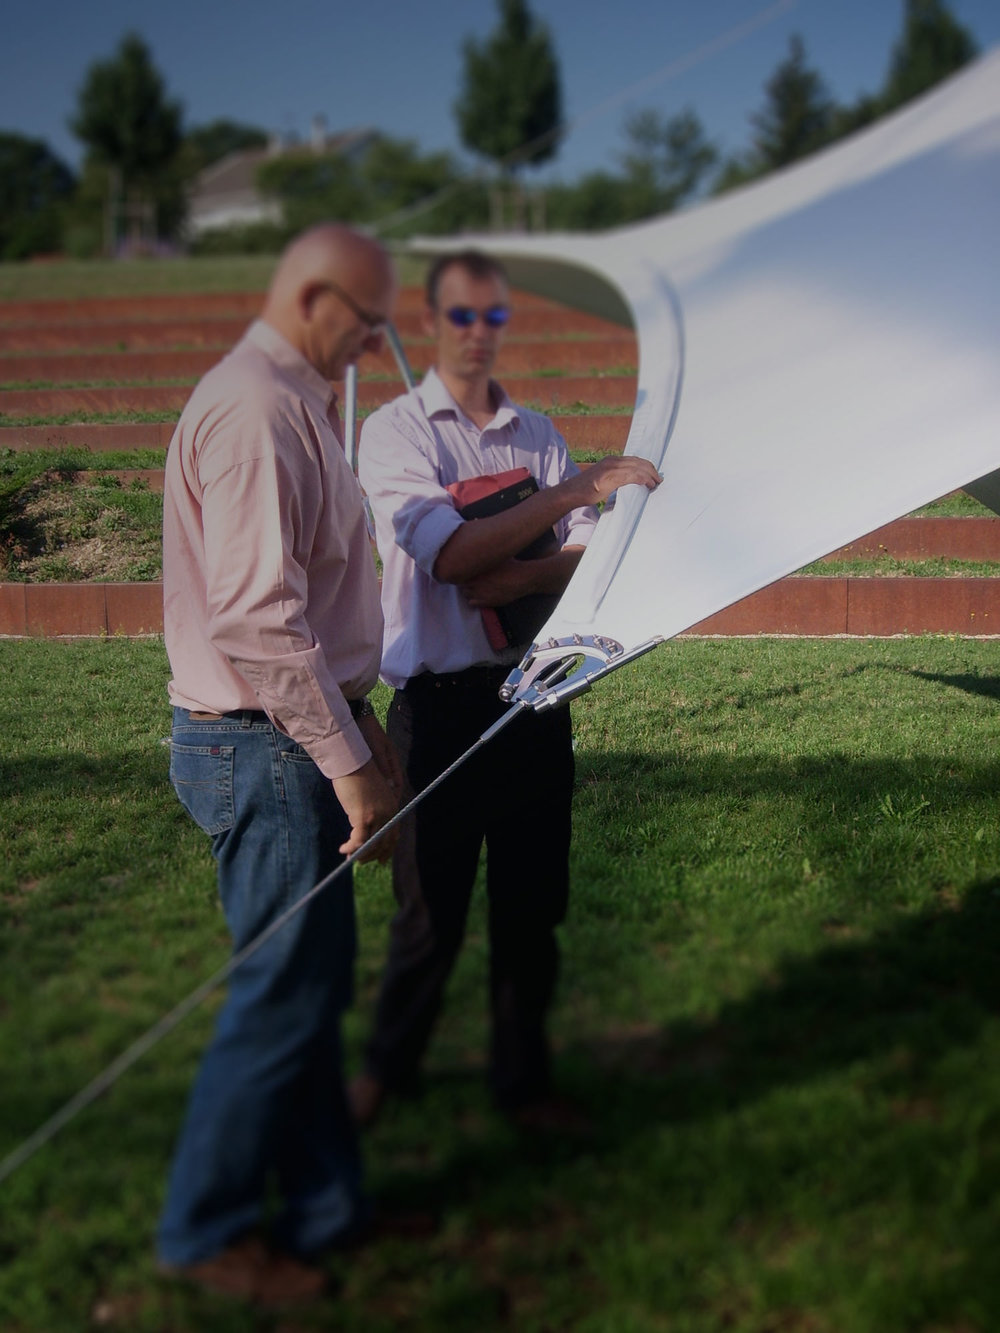 Ferrari Tent - An Educative Membrane Structure